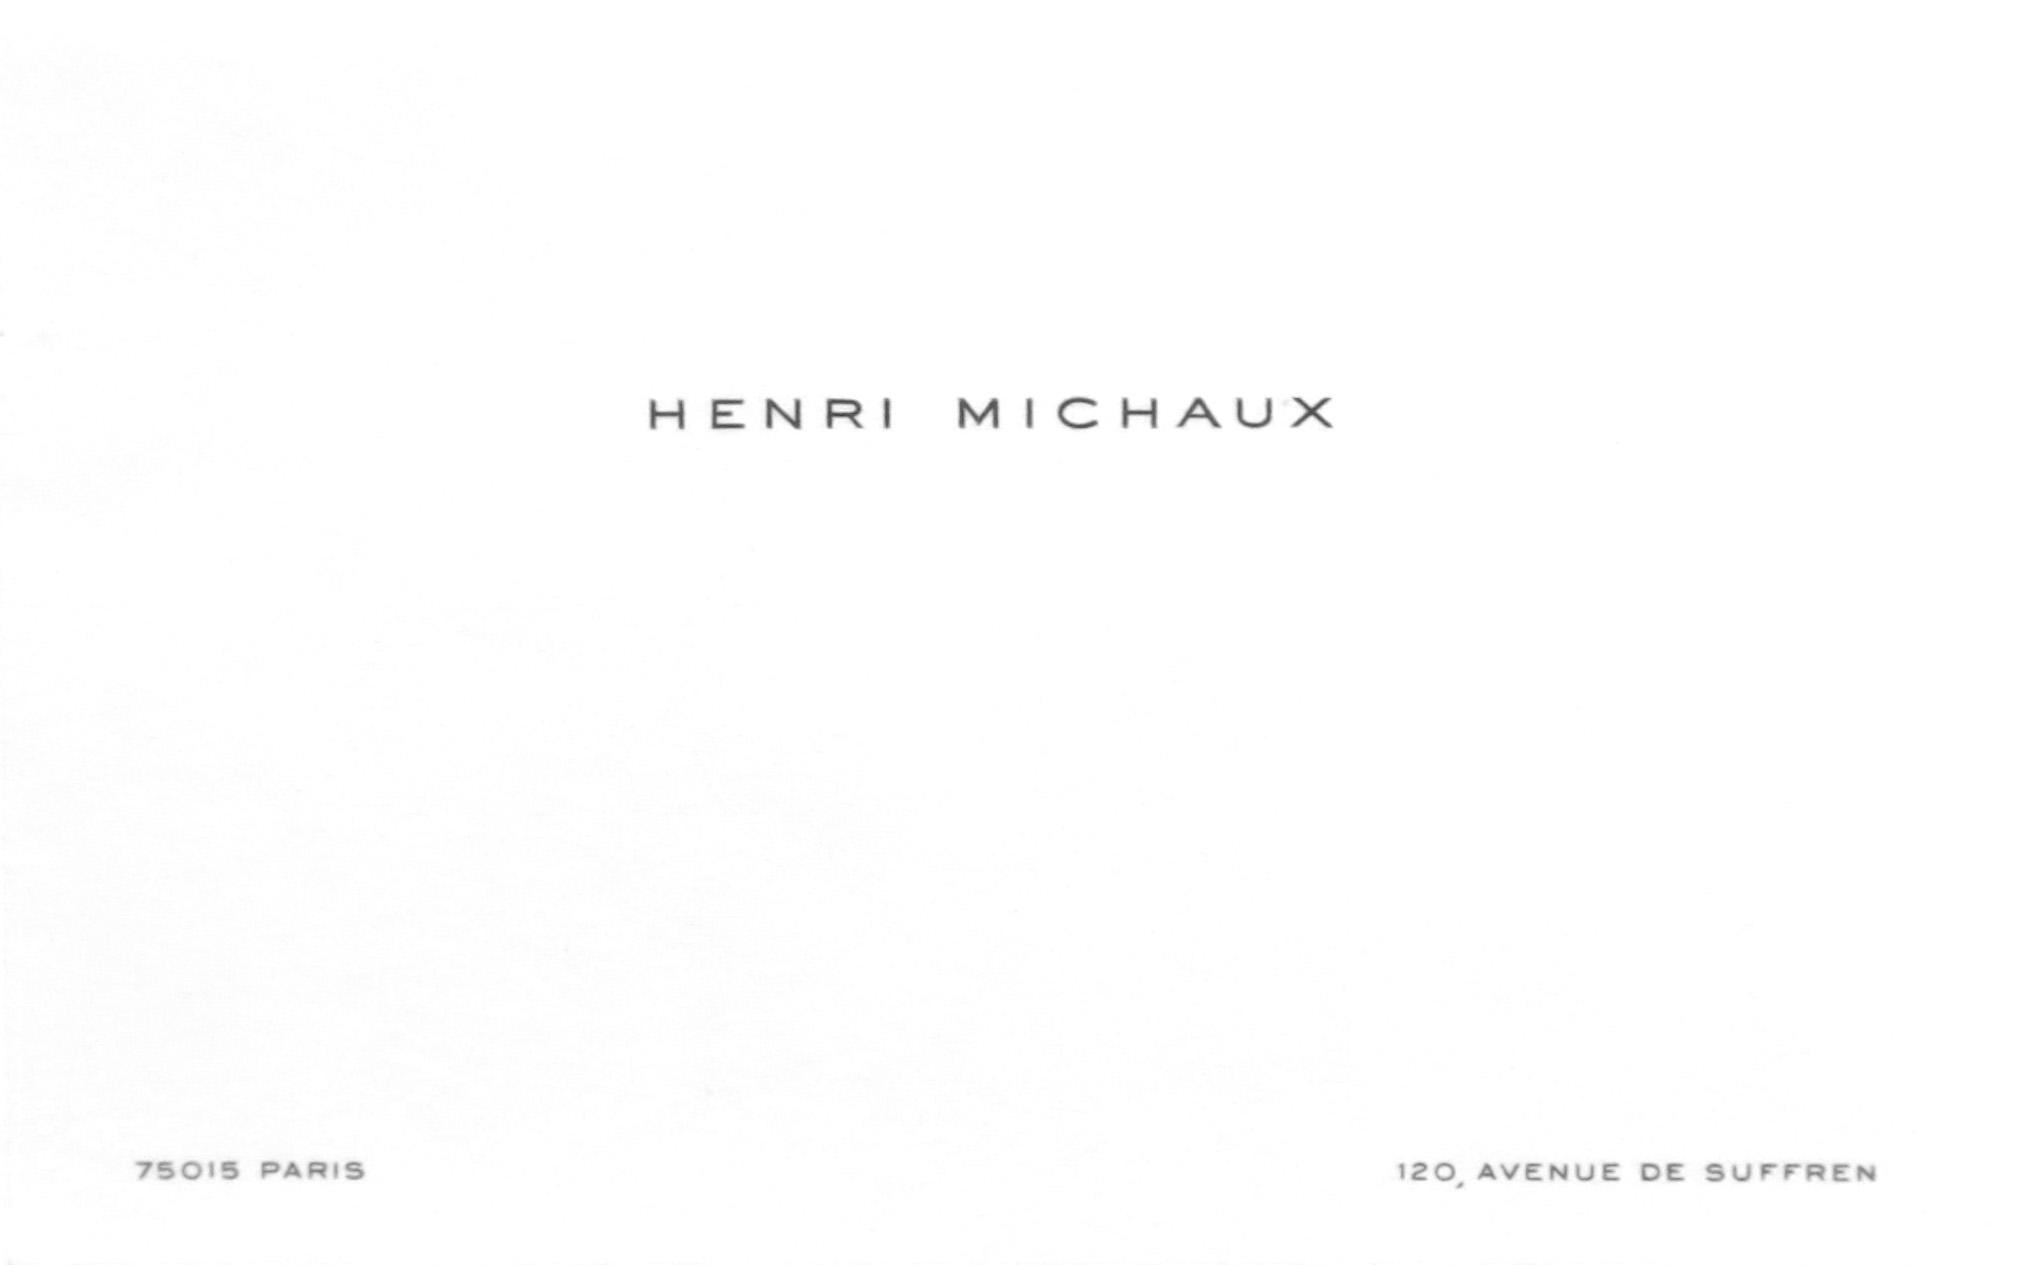 Henri Michaux, Calling Card, 1983, 3h x 5w in